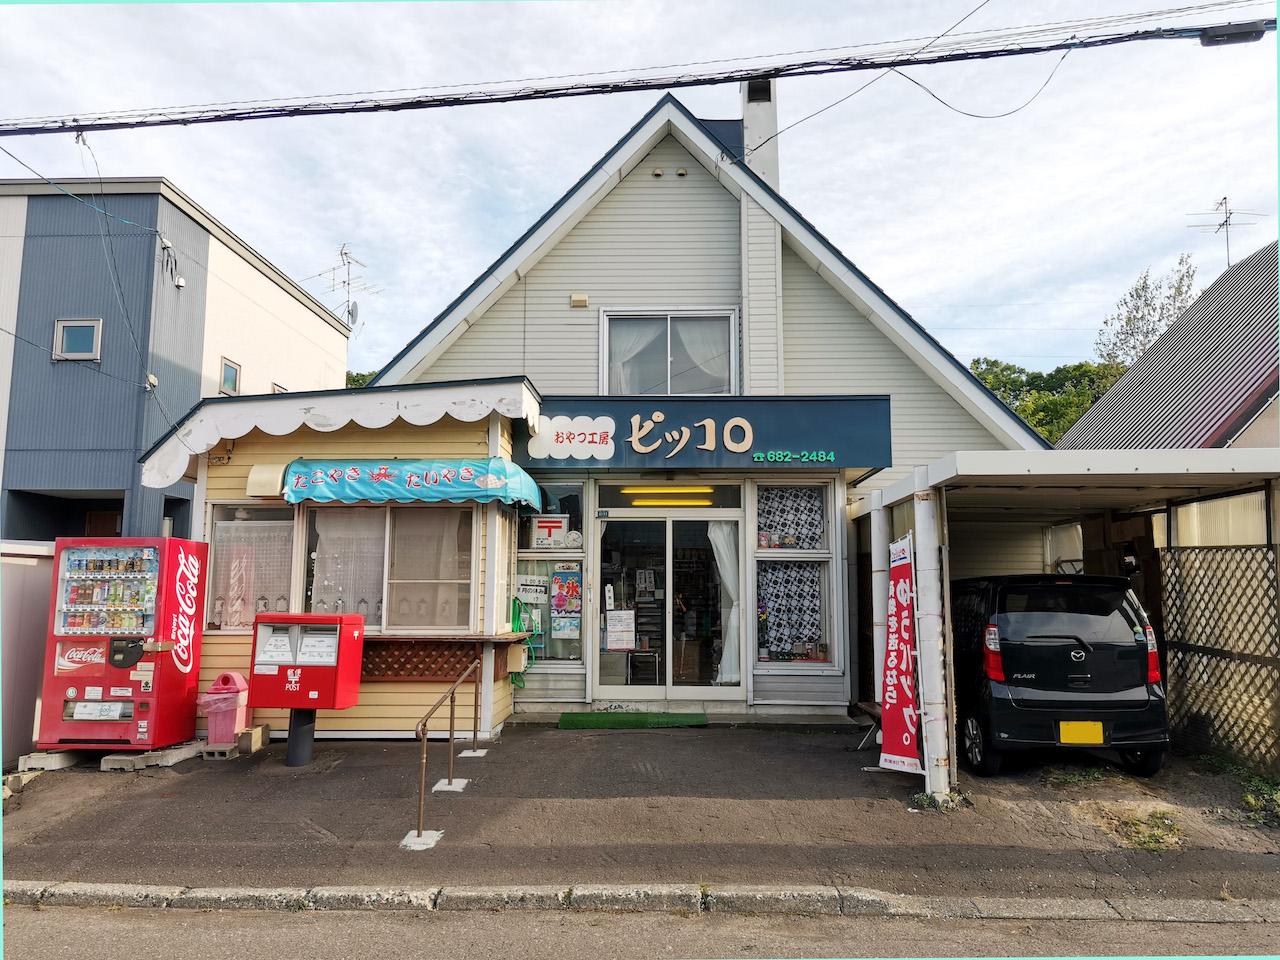 宮永篤史の駄菓子屋探訪15北海道札幌市手稲区ピッコロ2